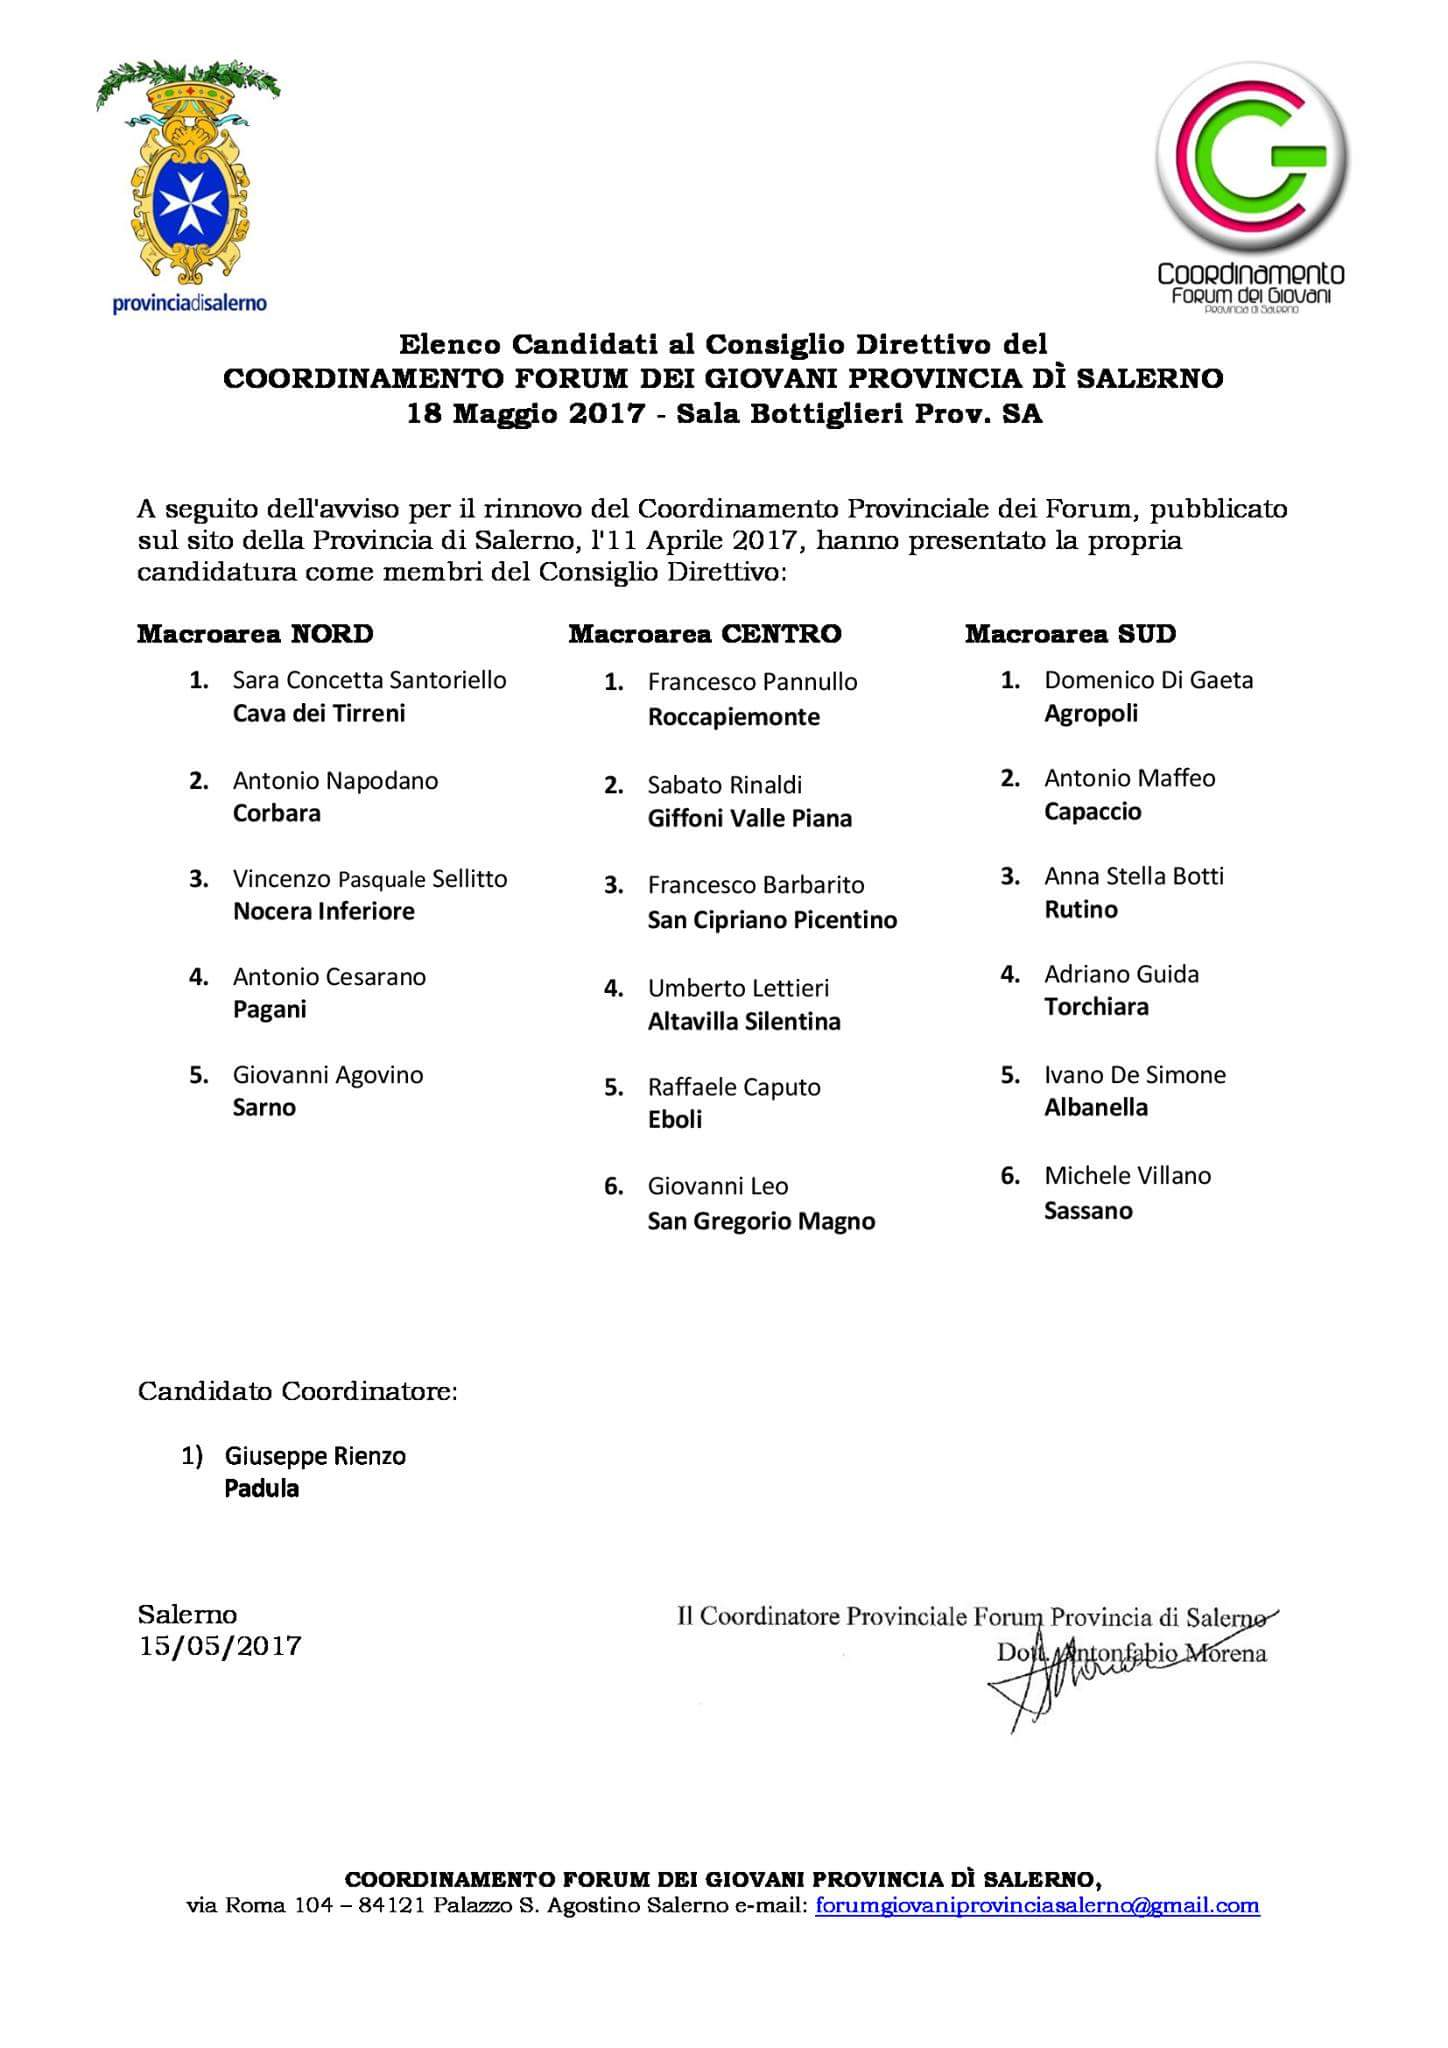 Forum provinciale Giovani Salerno-composizione per macroaree